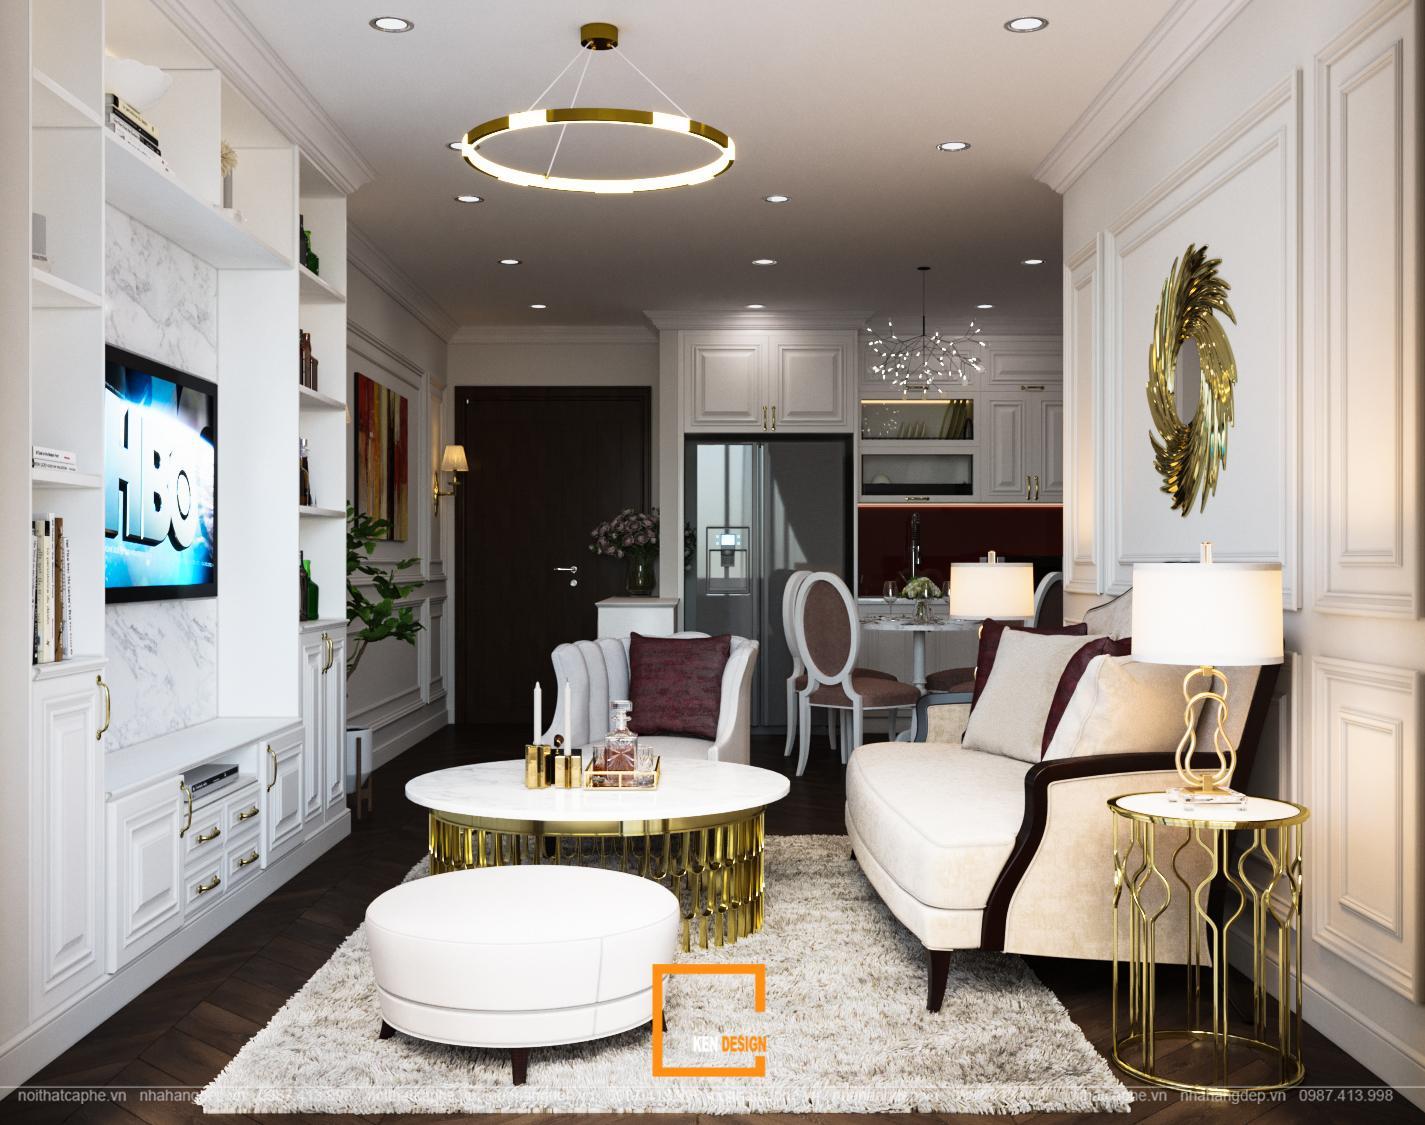 Thiết kế căn hộ FLC Green Aparment – nơi giao thoa vẻ đẹp của thời đại